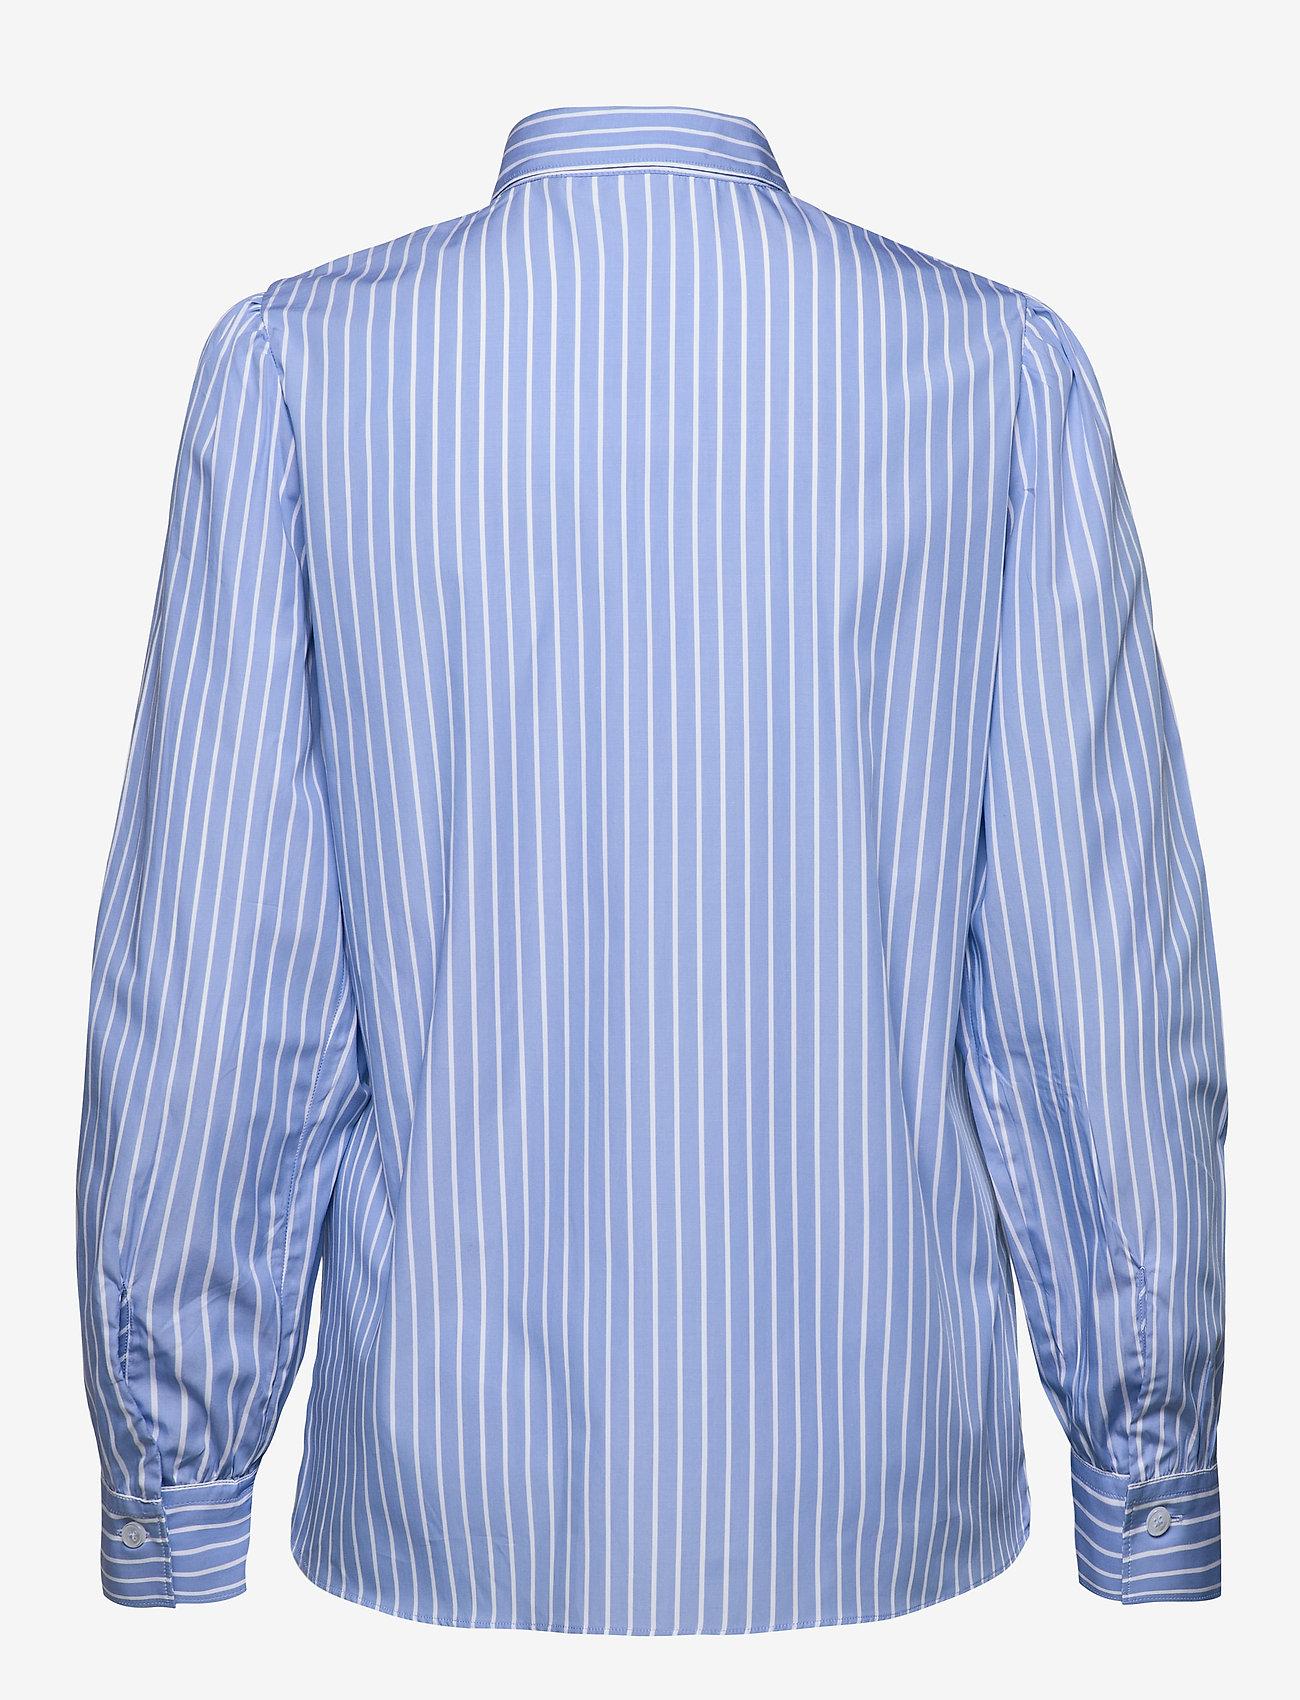 SAND - 8750 - Loreto - chemises à manches longues - light blue - 1